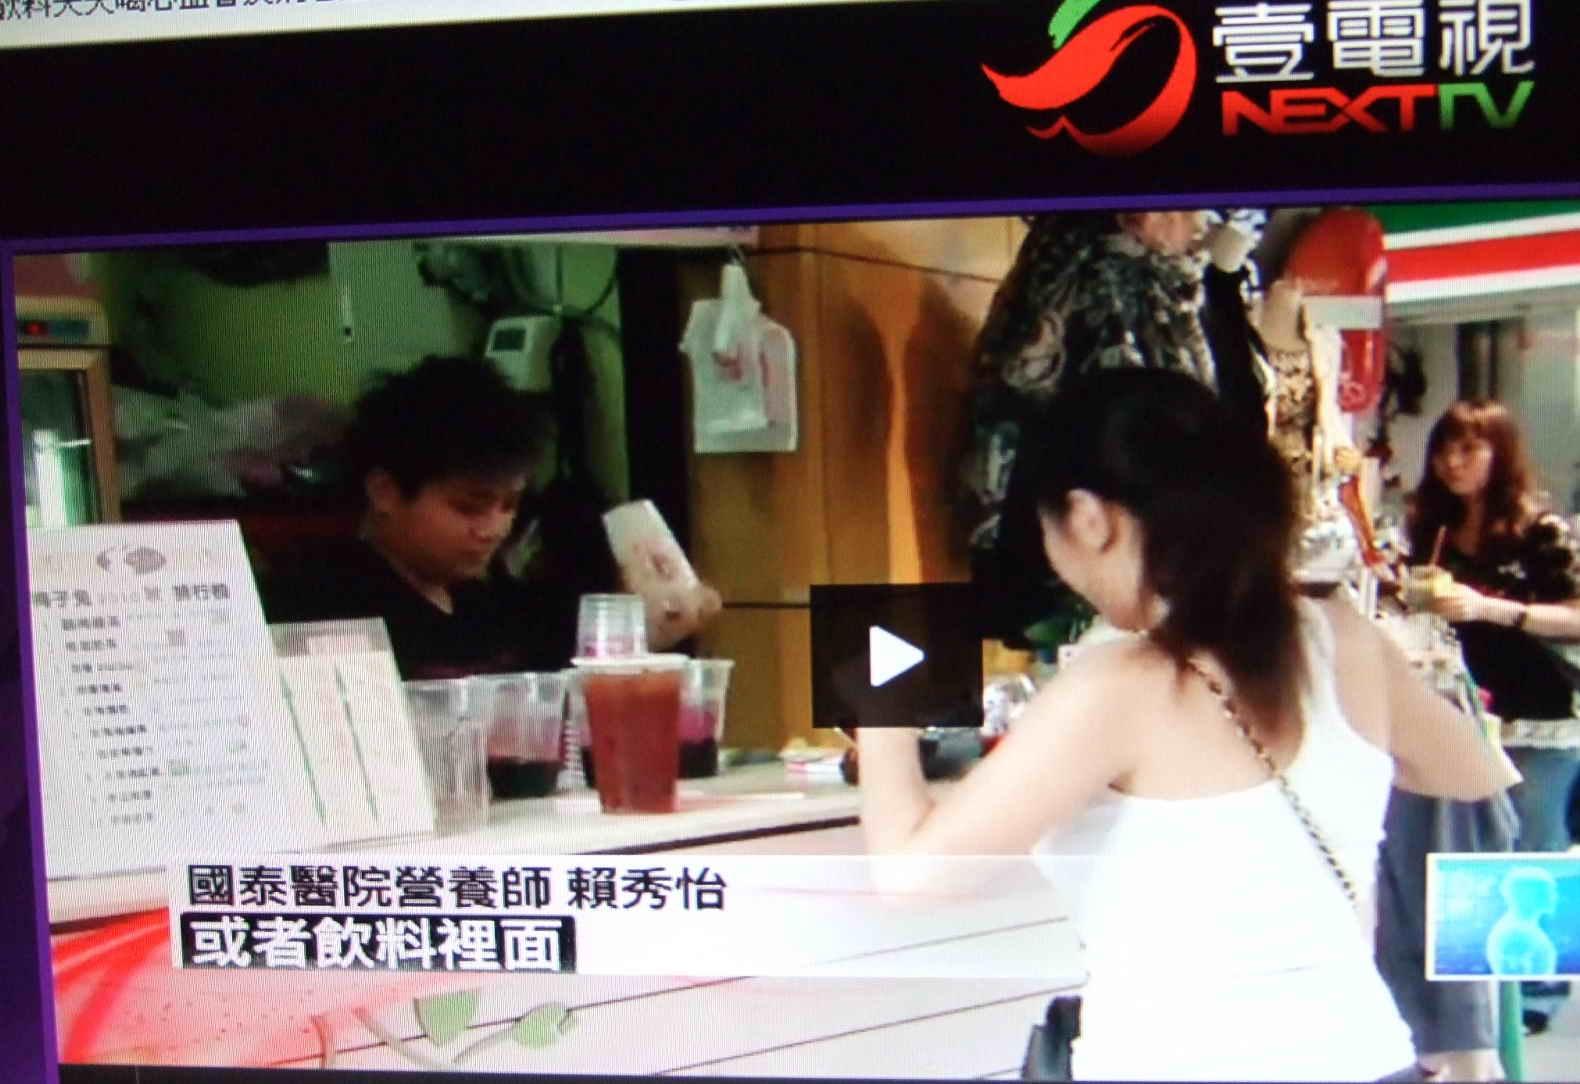 壹電視報導